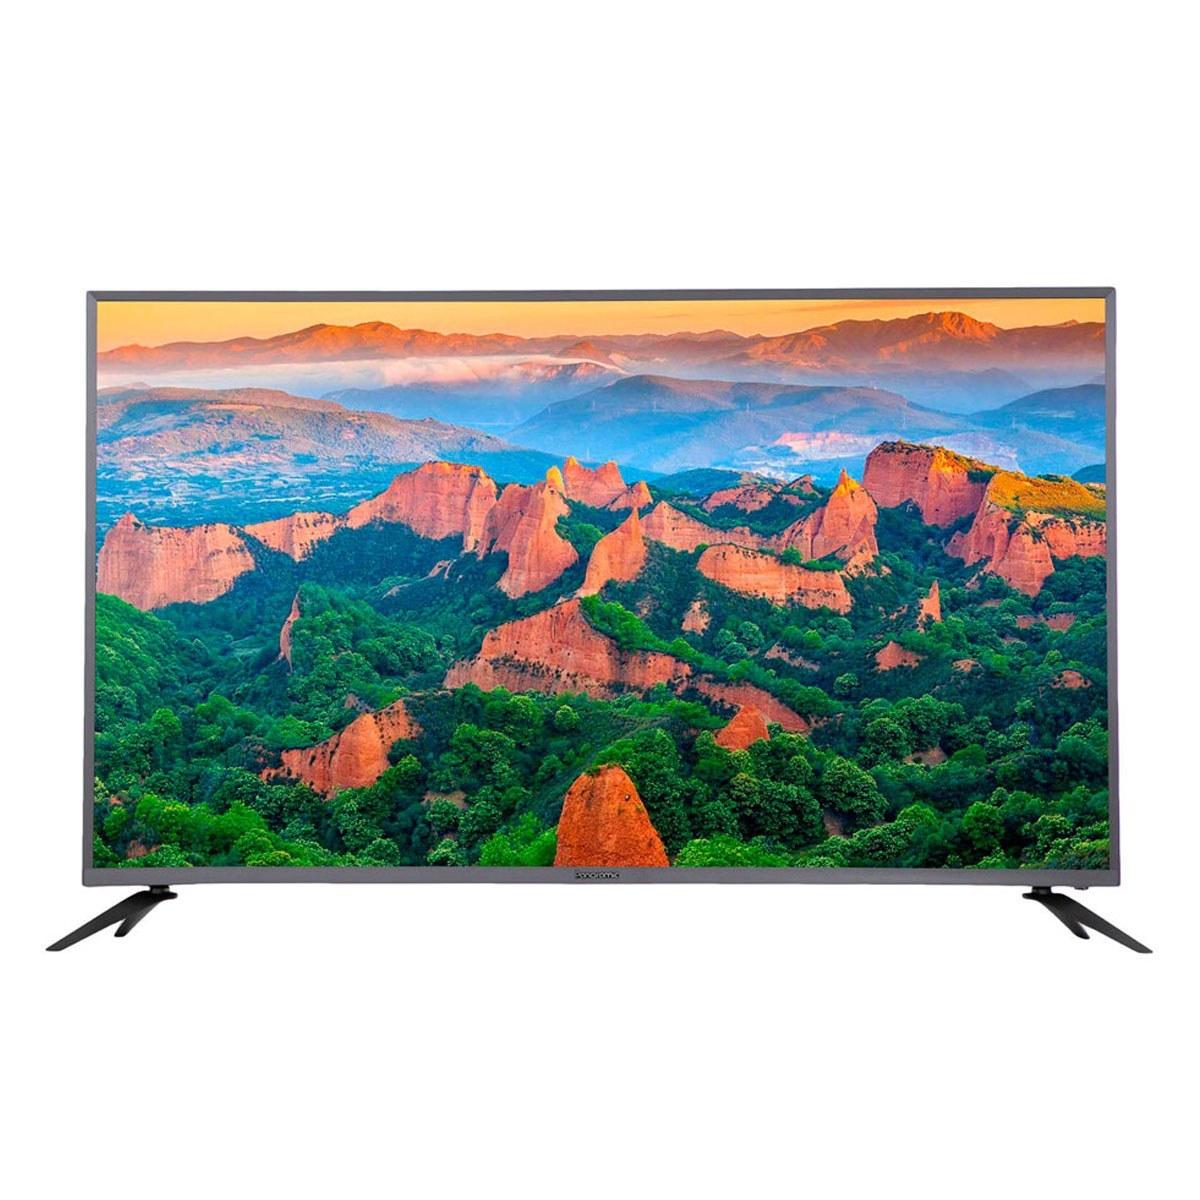 تصویر تلویزیون کیو ال ای دی هوشمند هیمالیا 50 اینچ مدل PA-50SA3657 HIMALIA PANORAMIC SMART QLED TV PA-50SA3657 50 INCH ULTRA HD